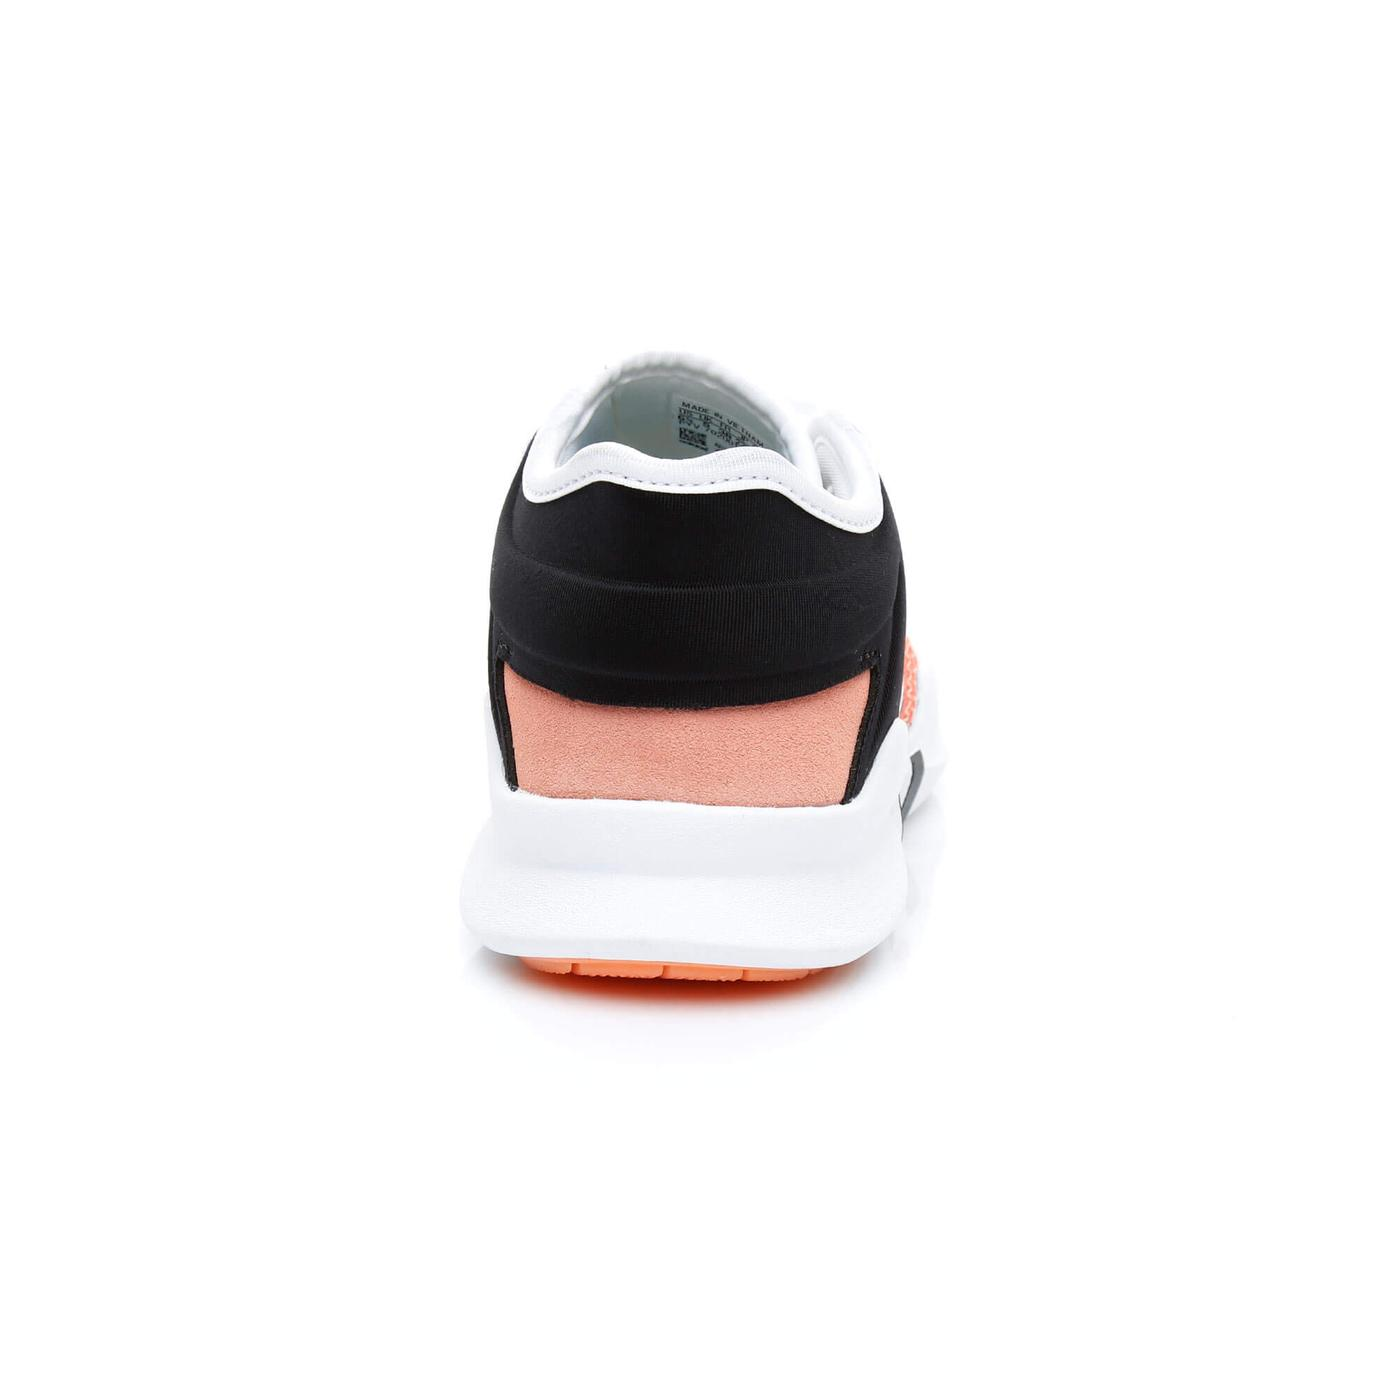 adidas Eqt Racing Adv Kadın Renkli Spor Ayakkabı